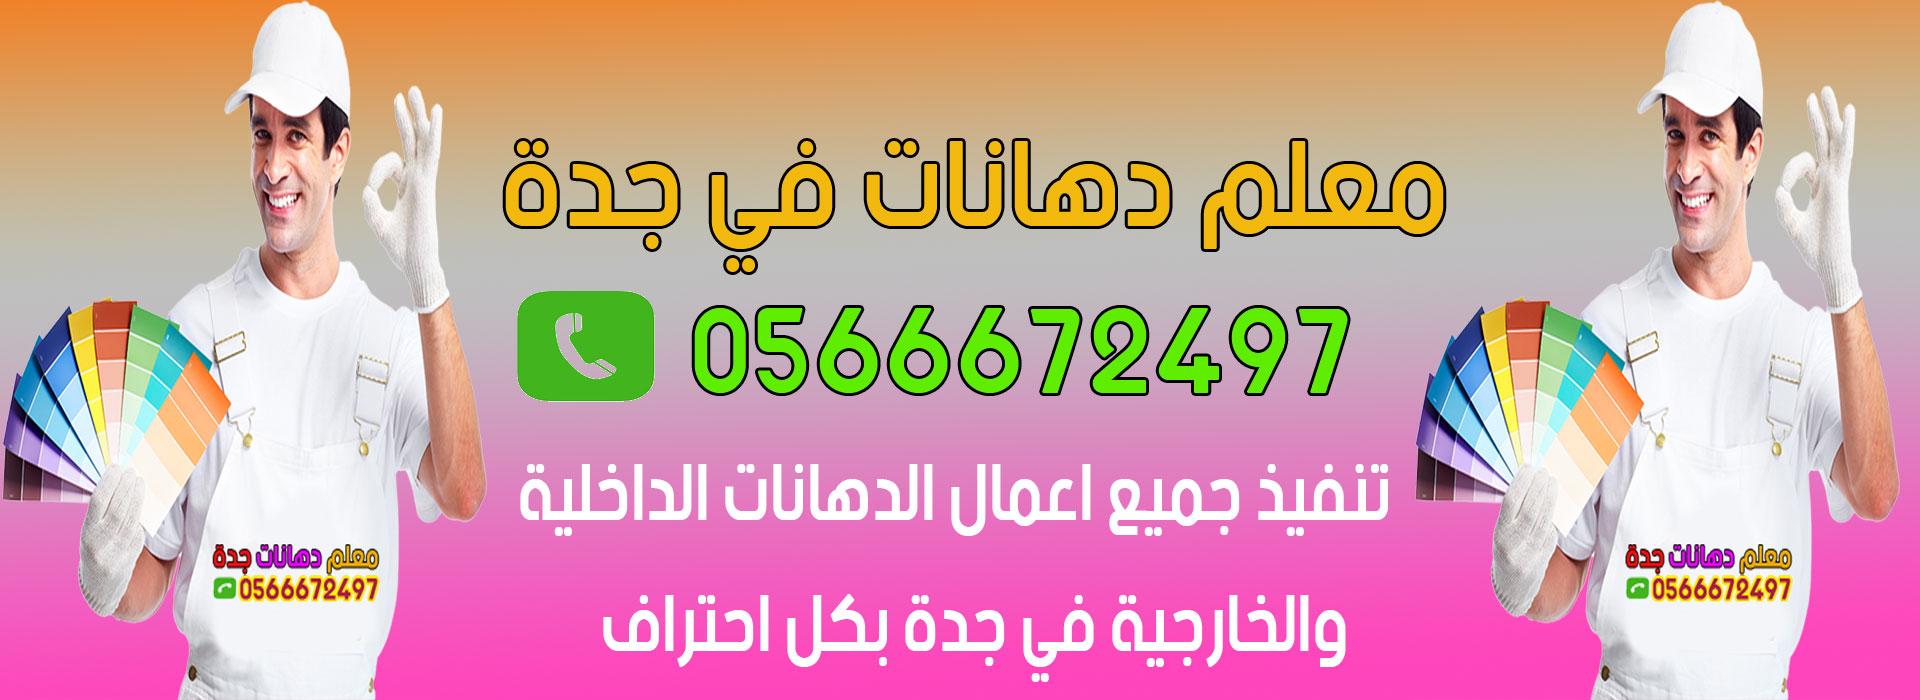 معلم دهانات جدة - 0566672497